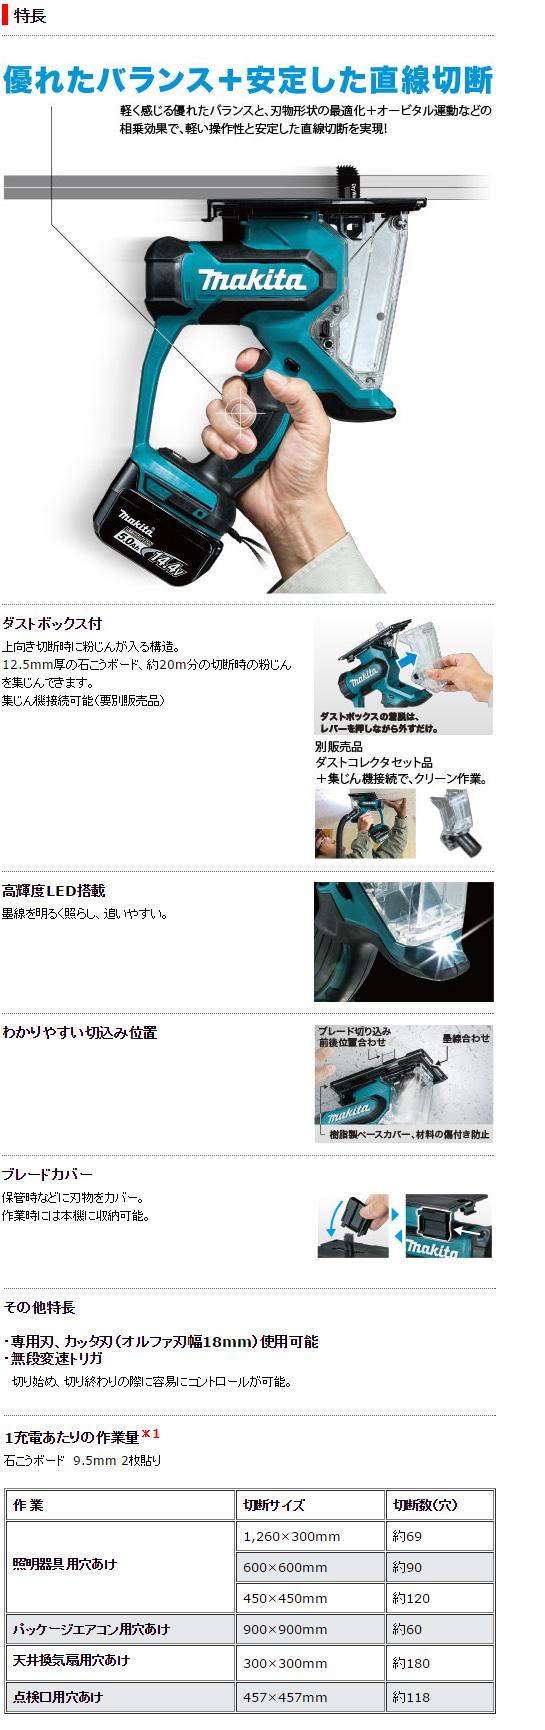 マキタ 14.4V充電式ボードカッタ SD140DRGX